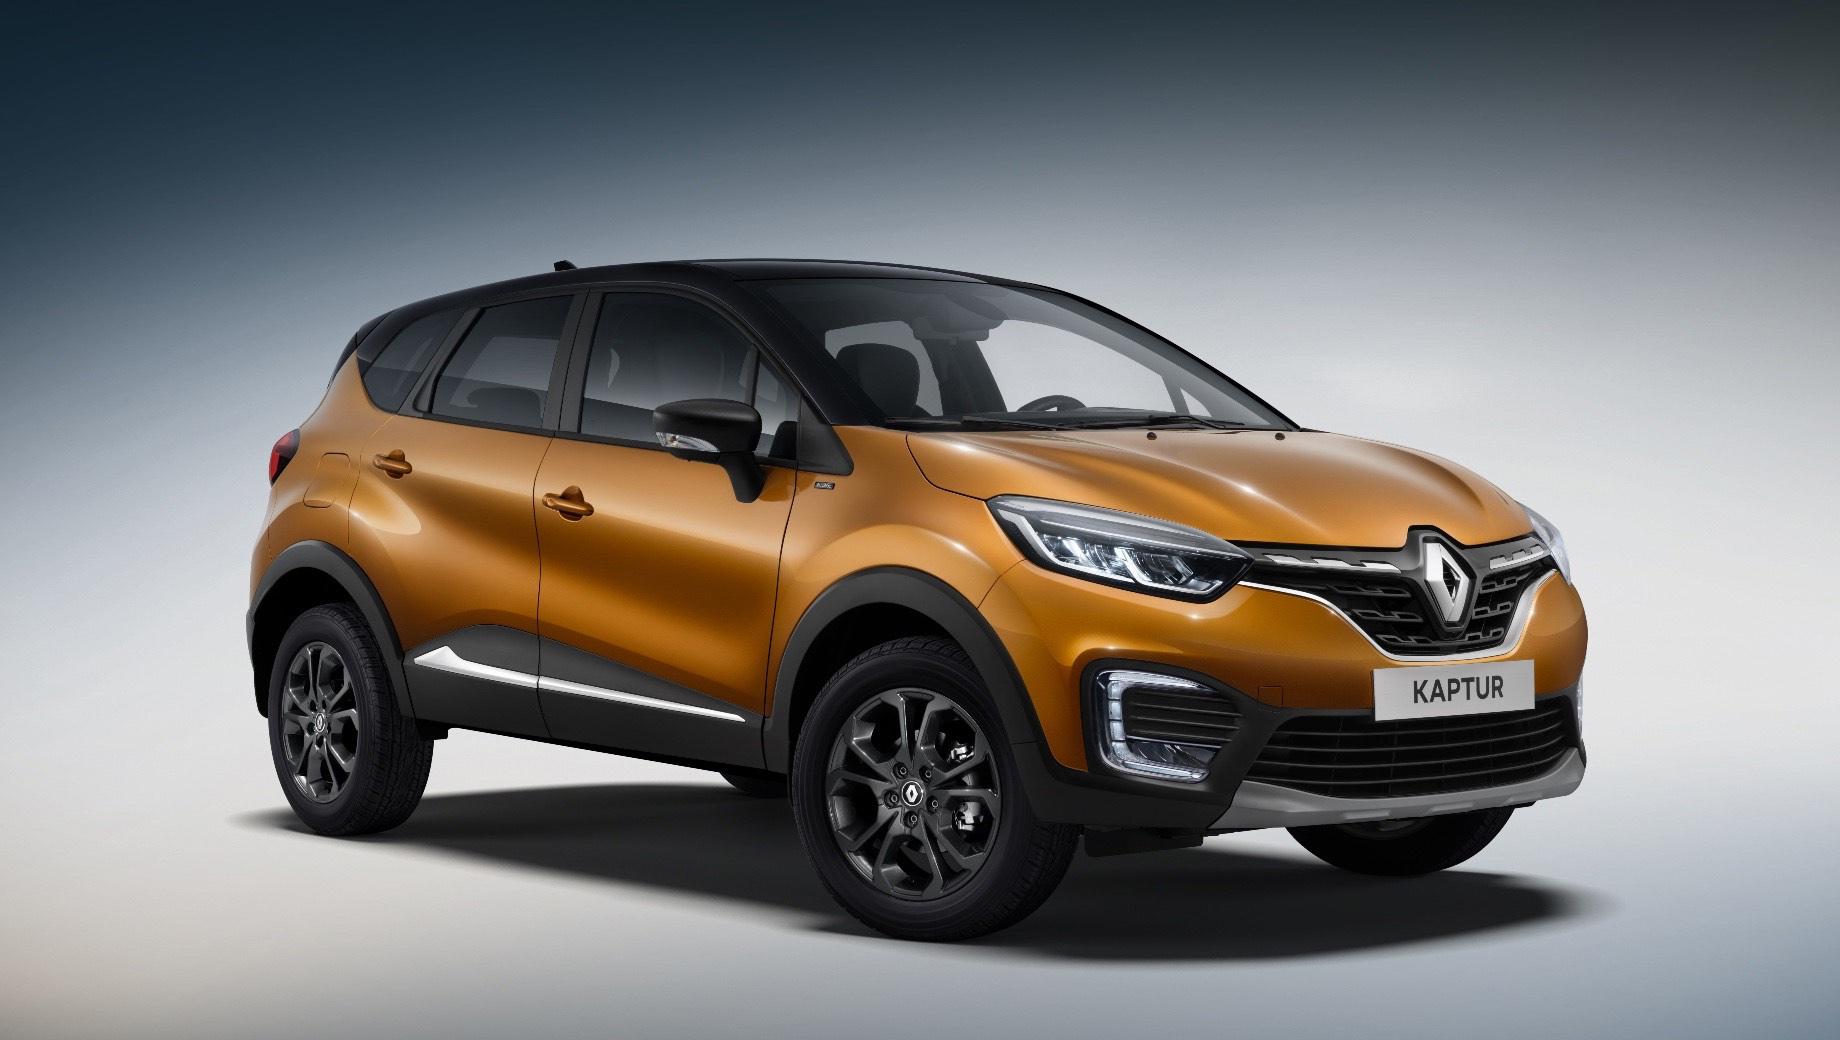 Фирма Renault выведет на российский рынок спецверсию модели Kaptur – Intense: от стандартного кроссовера (см. видео) новинка отличится оформлением кузова и отделкой интерьера. Приём заявок начнётся в следующем месяце.